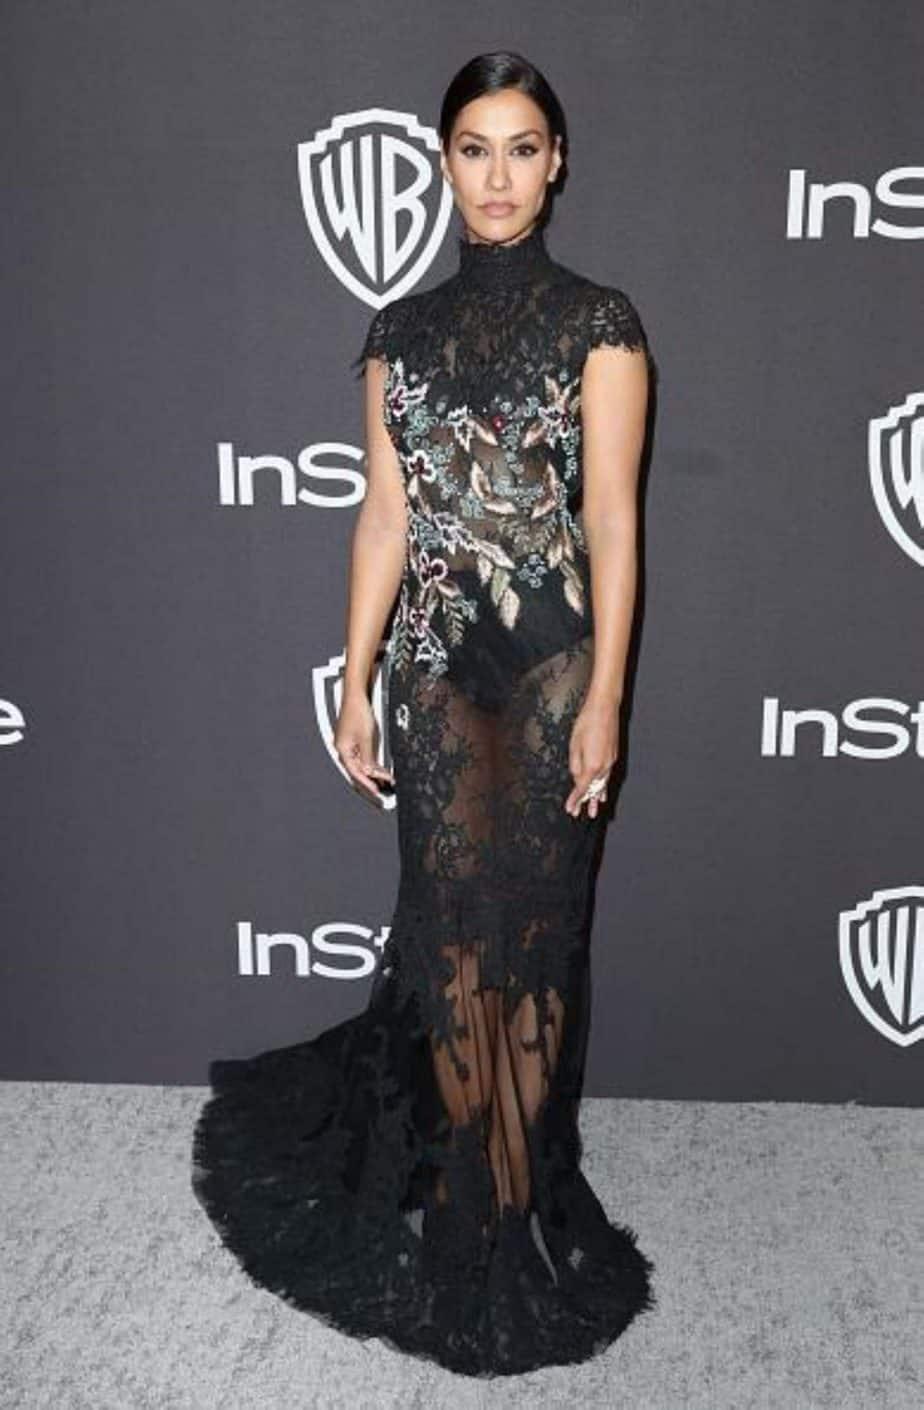 ג'נינה גוונקאר לובשת ברטה. צילום: יח״צ חו״ל